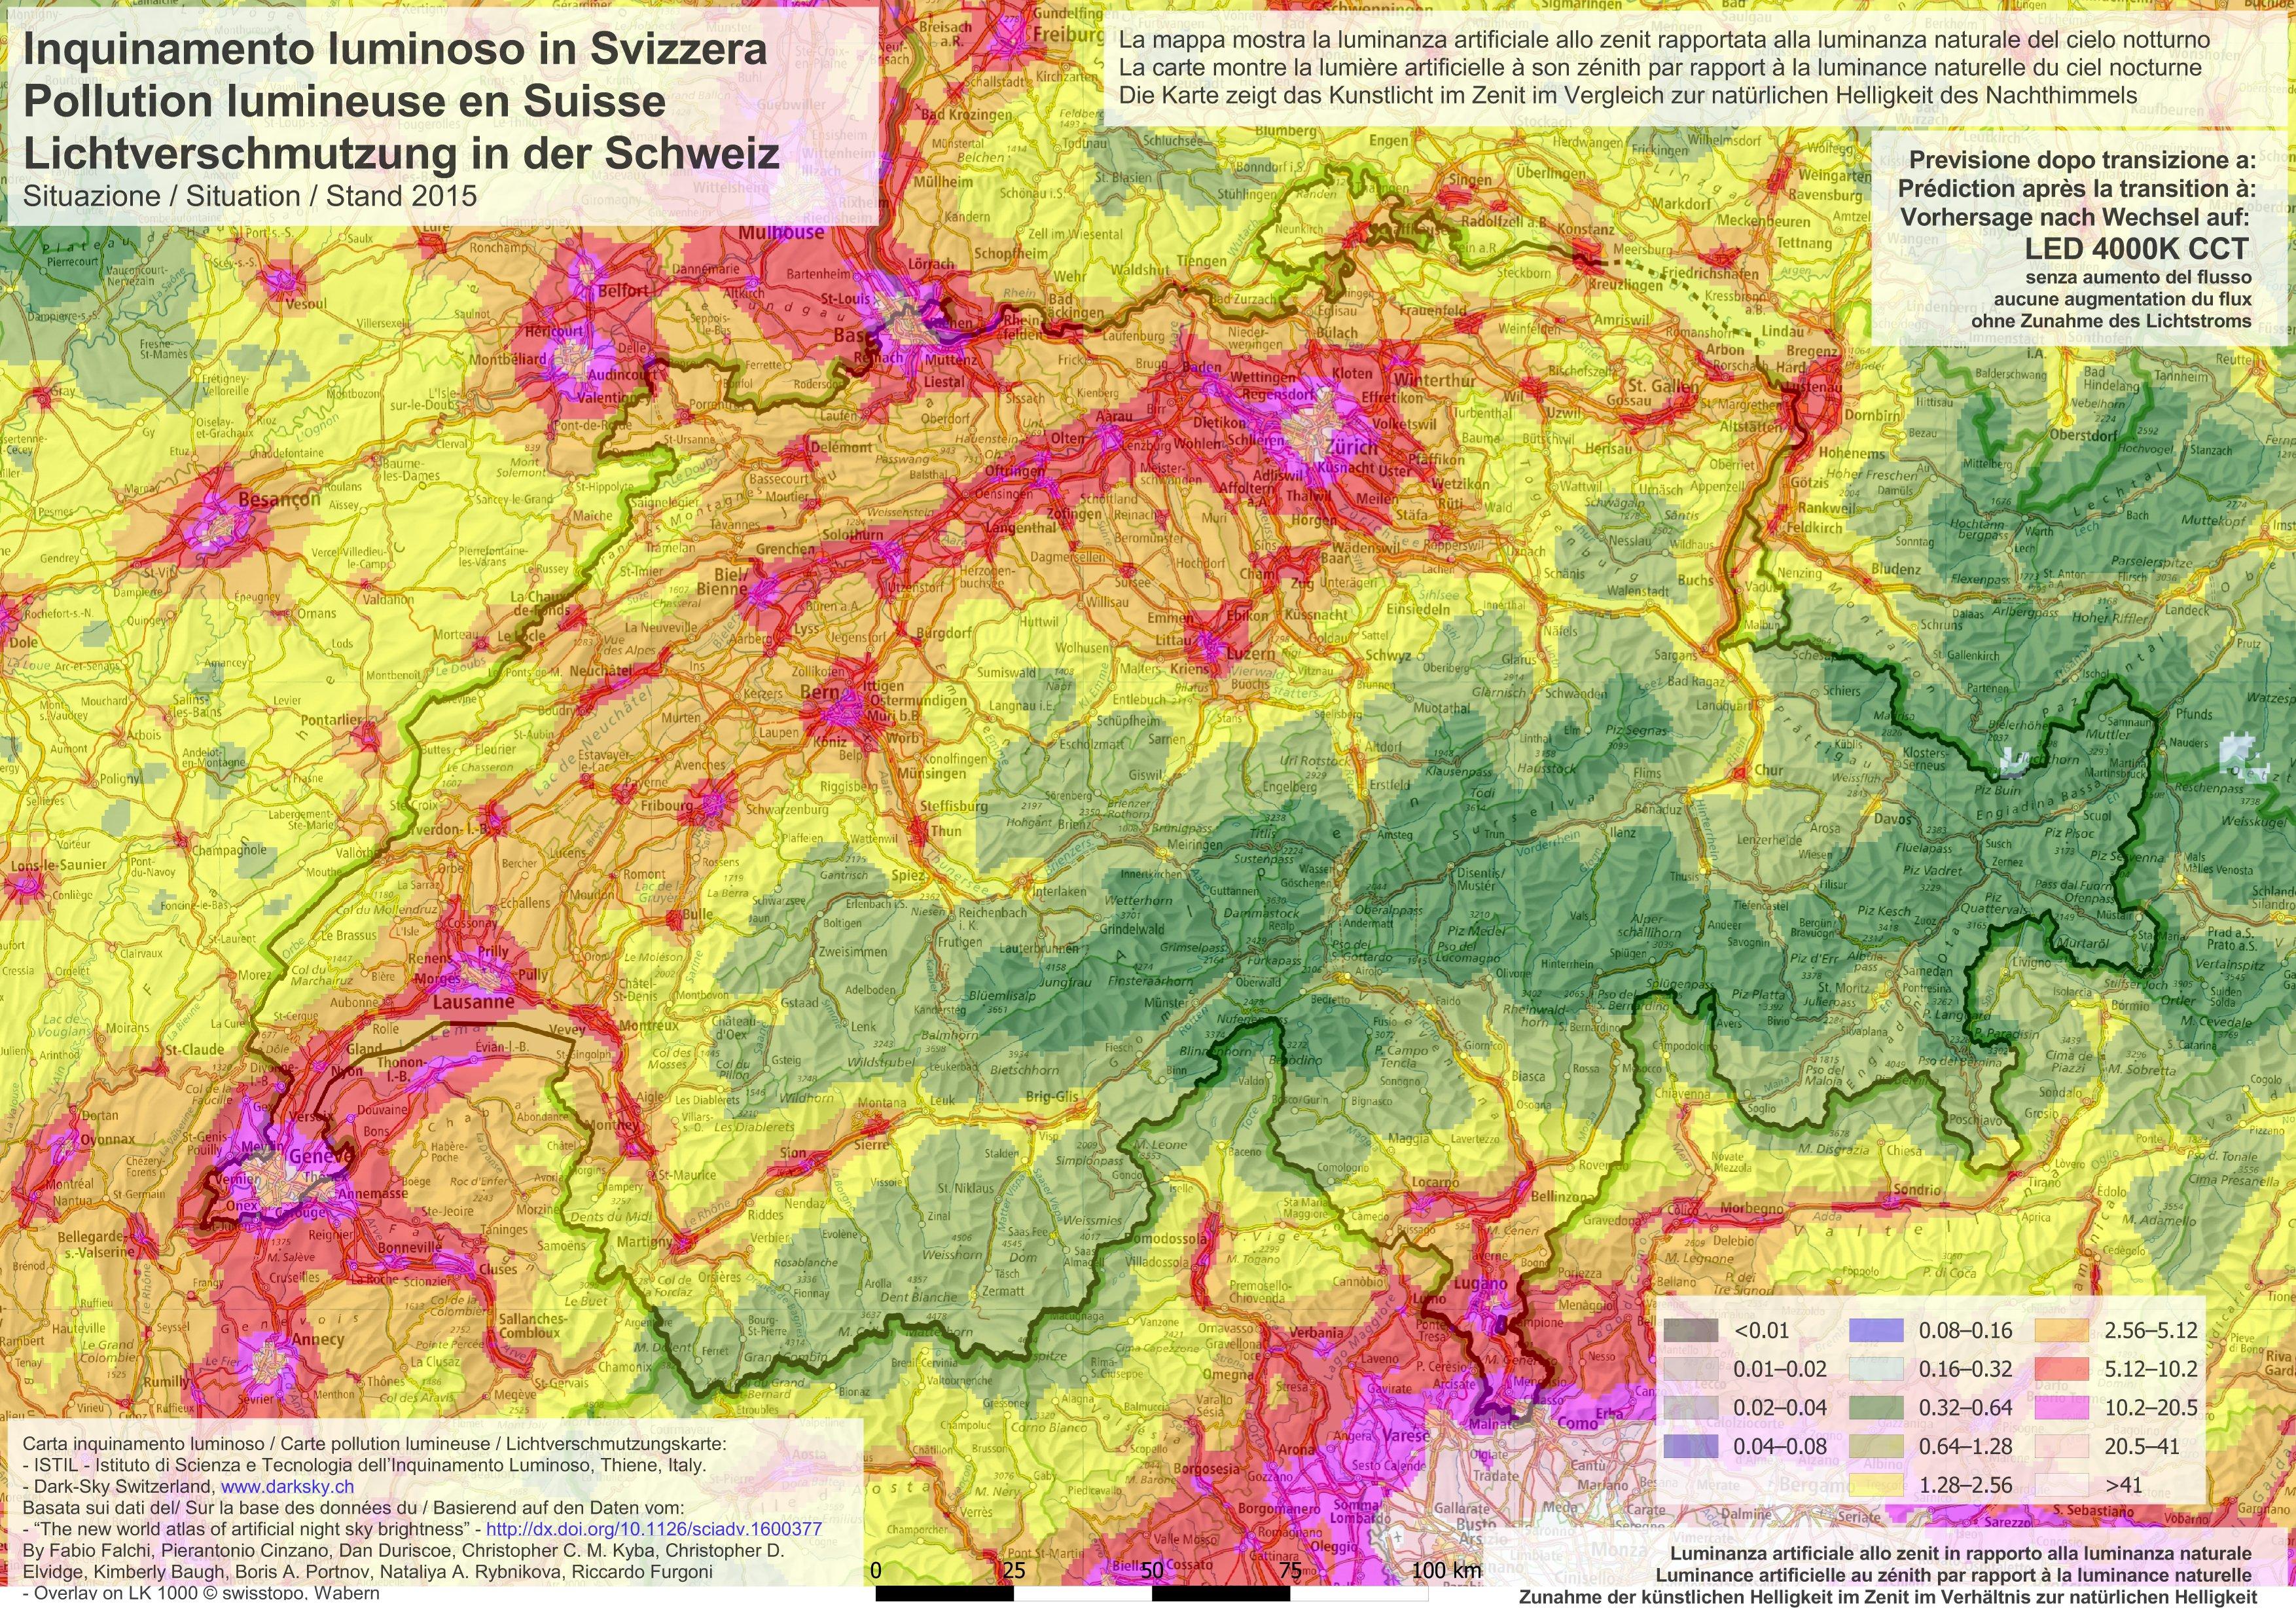 Lichtverschmutzung Karte 2019.20 10 2016 Forscher Warnen Effiziente Led Verdoppeln